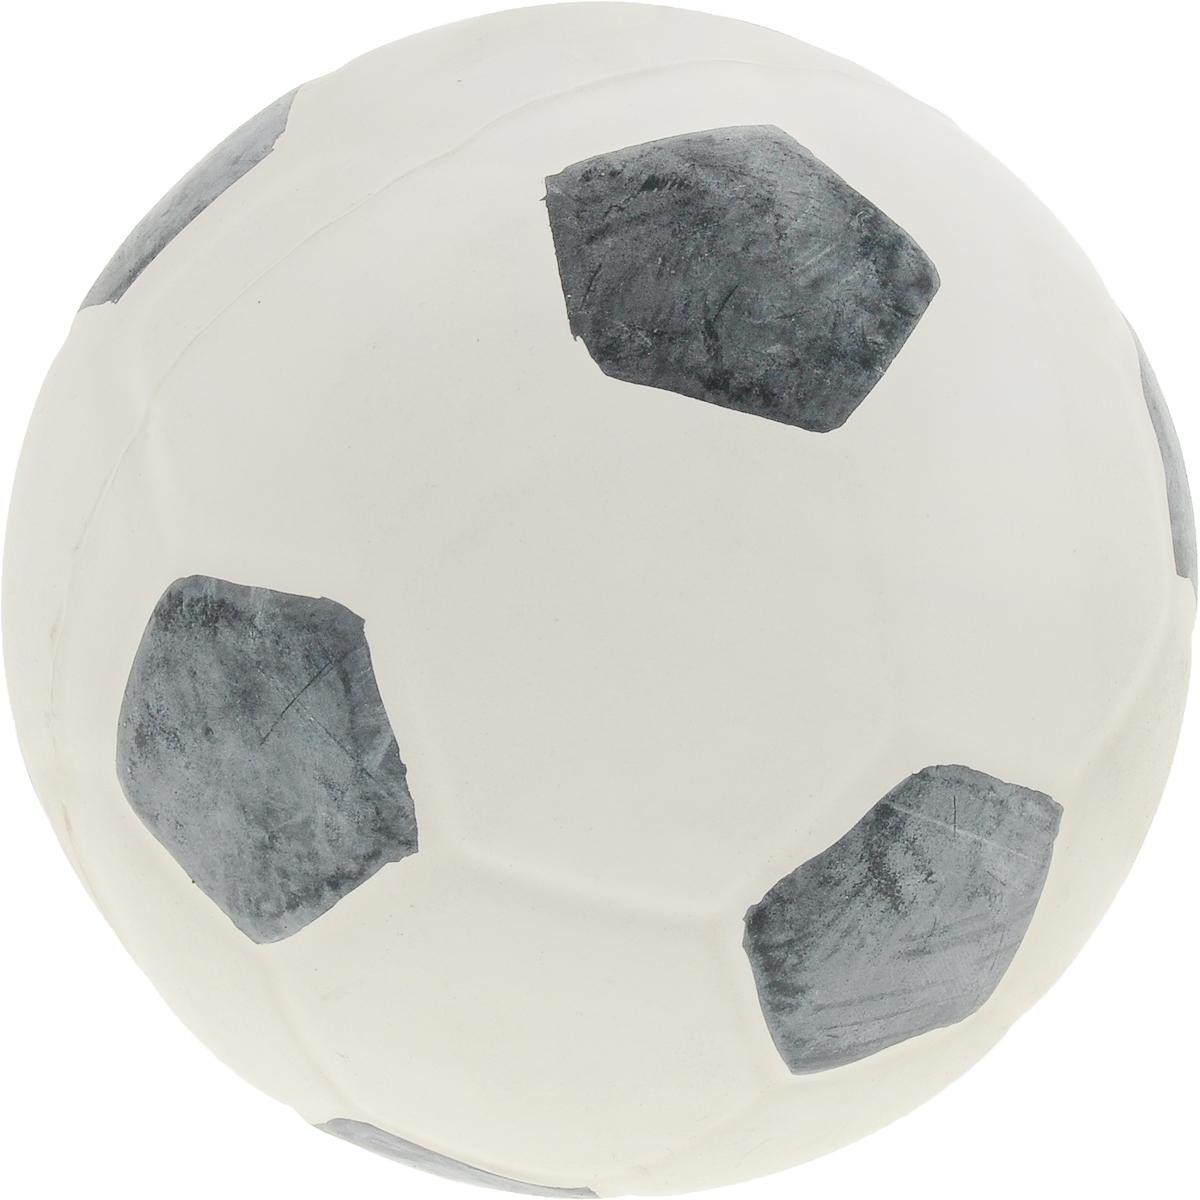 Мяч для собак Camon Футбол, цвет: белый, черный, 10-15 смA050/A_футболИгрушка Camon Футбол для собак - это супер прочная, супер безопасная и супер увлекательная игрушка. Мячик при бросании отскакивает по непредсказуемой траектории. Что обеспечивает часы веселья и удовольствия. Запатентованный материал гарантирует, что ваша собака будет наслаждаться игрой с мячом в течение длительного времени.